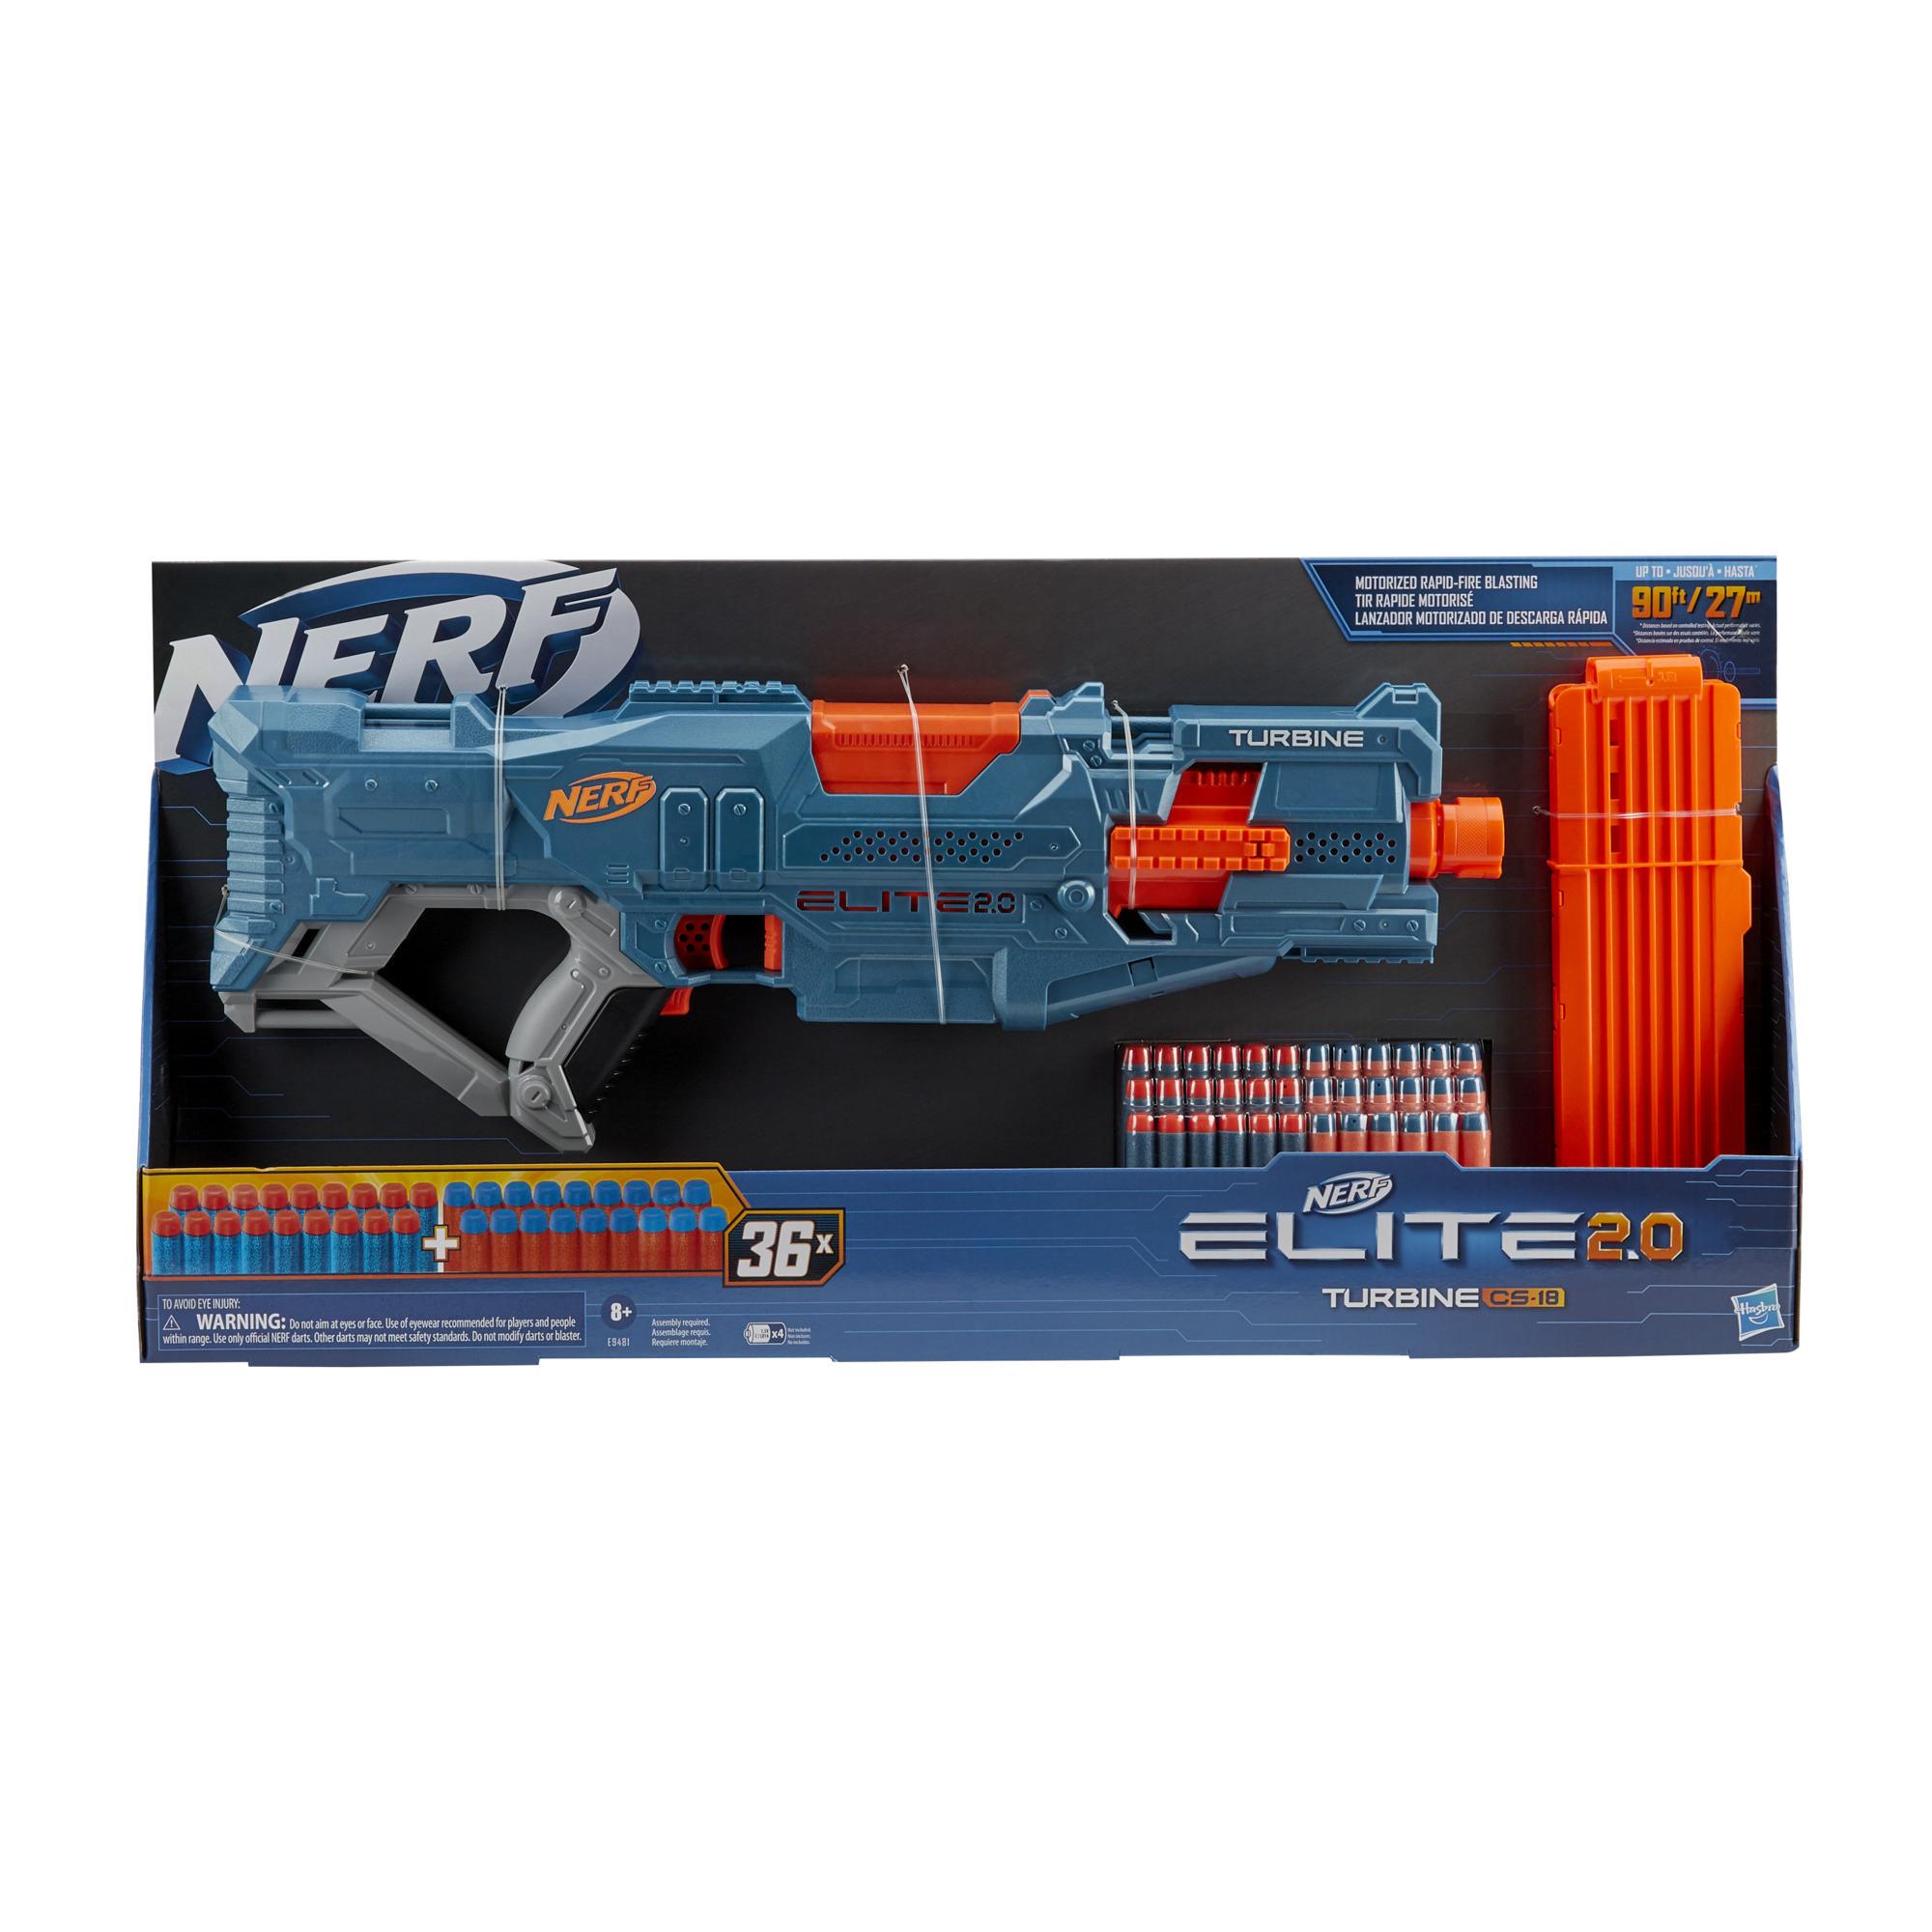 Nerf Elite 2.0, blaster motorisé Turbine CS-18, 36 fléchettes Nerf officielles, chargeur 18 fléchettes, personnalisable